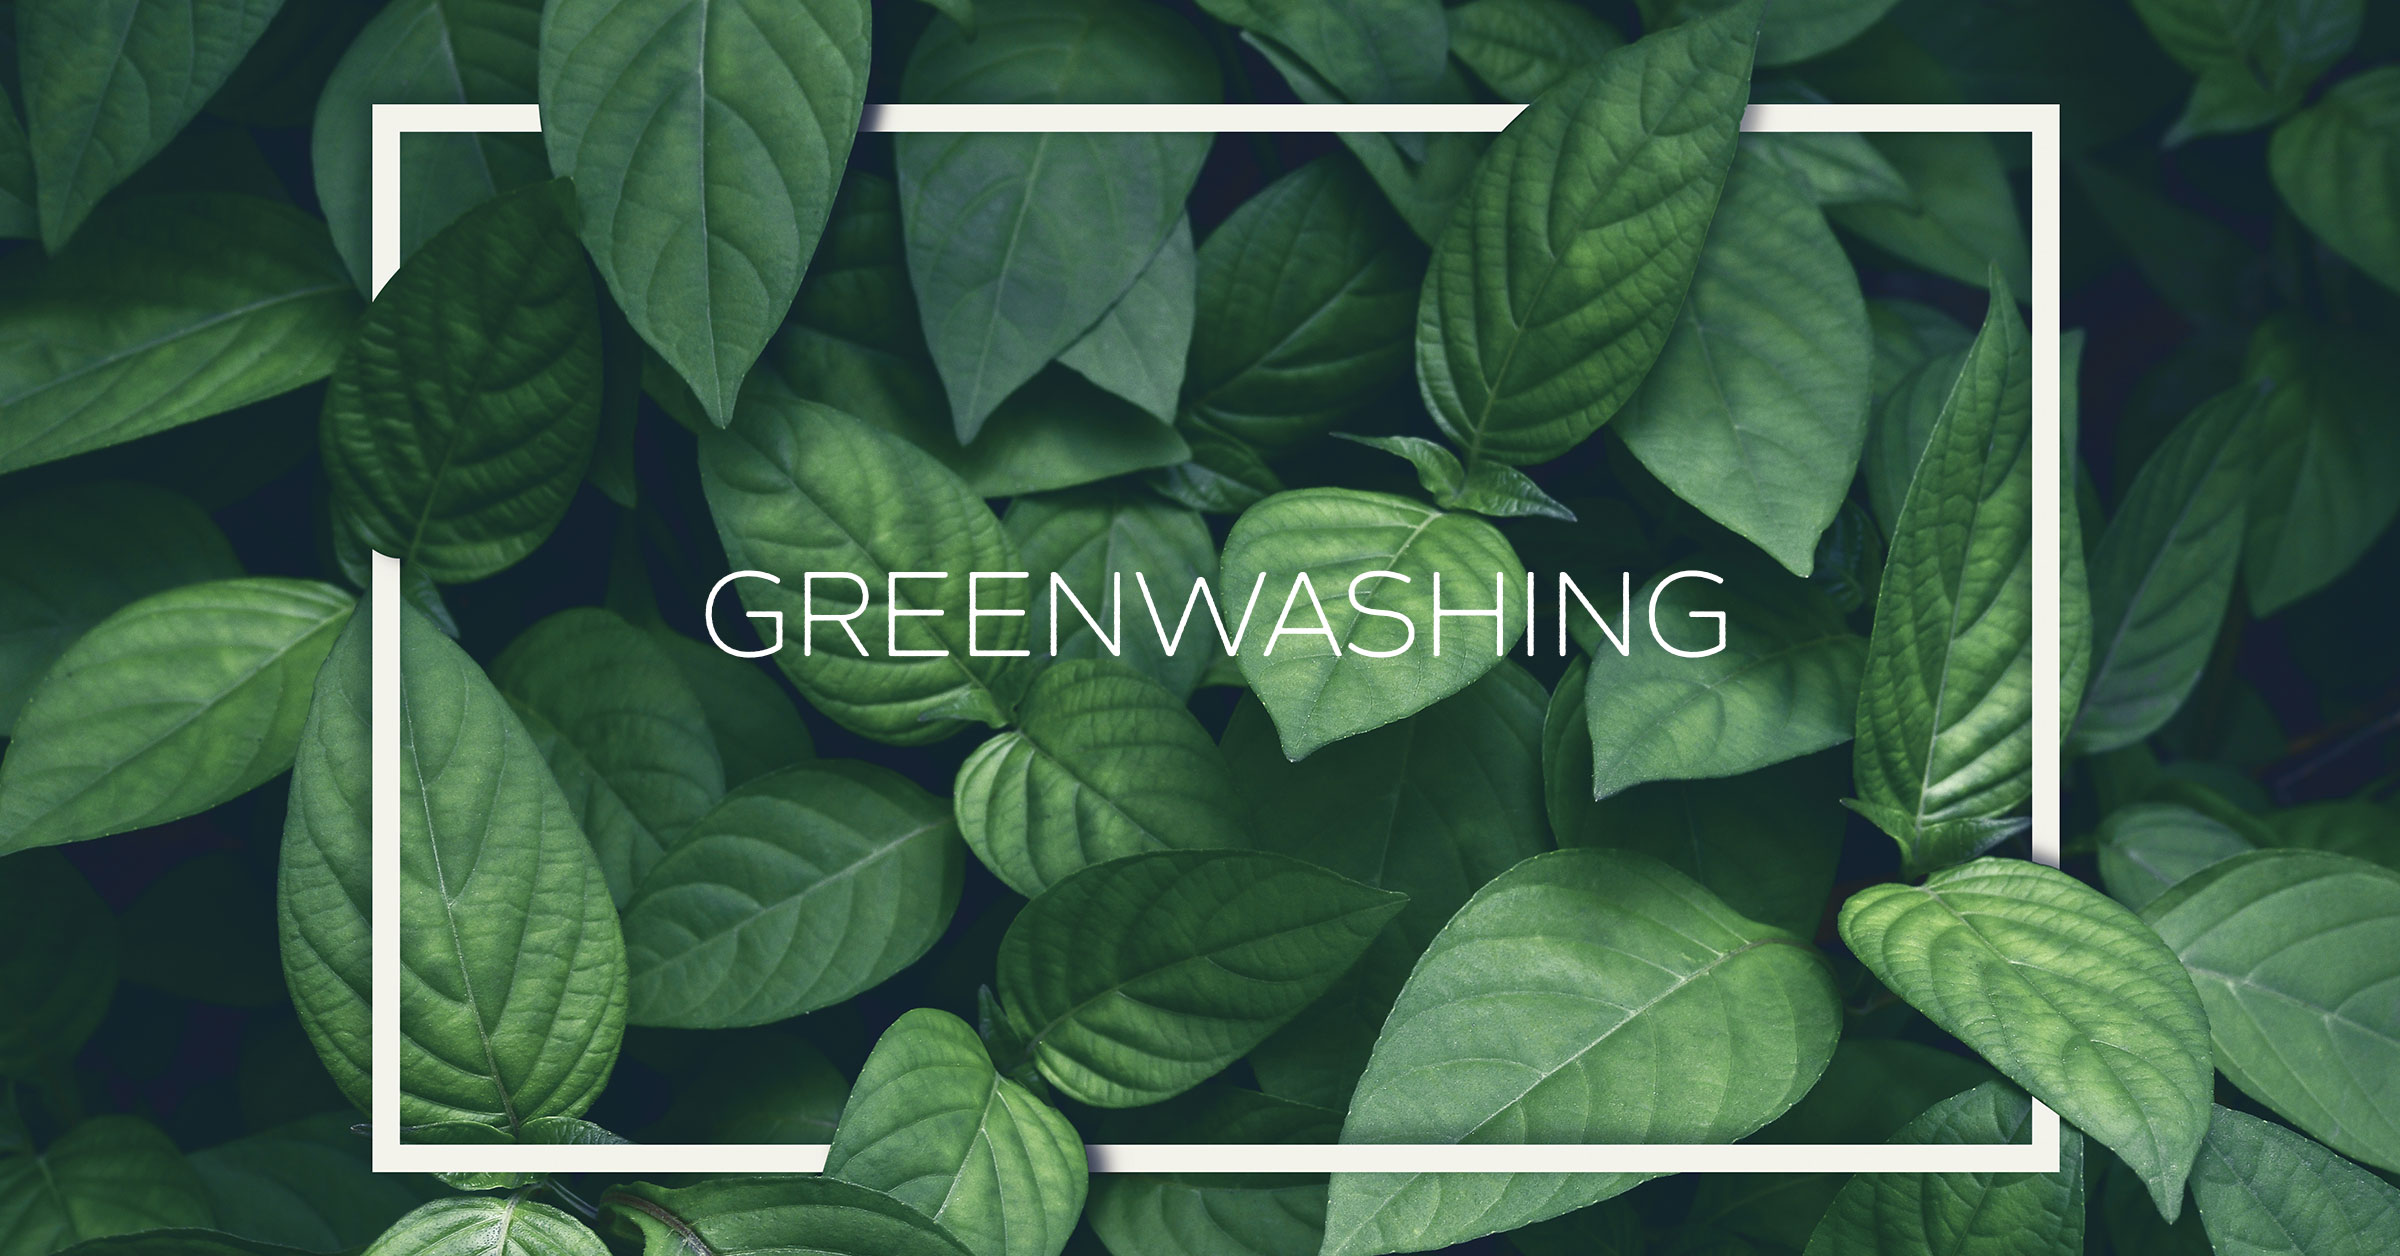 """Greenwashing, když není všechno """"zelené"""" udržitelné"""